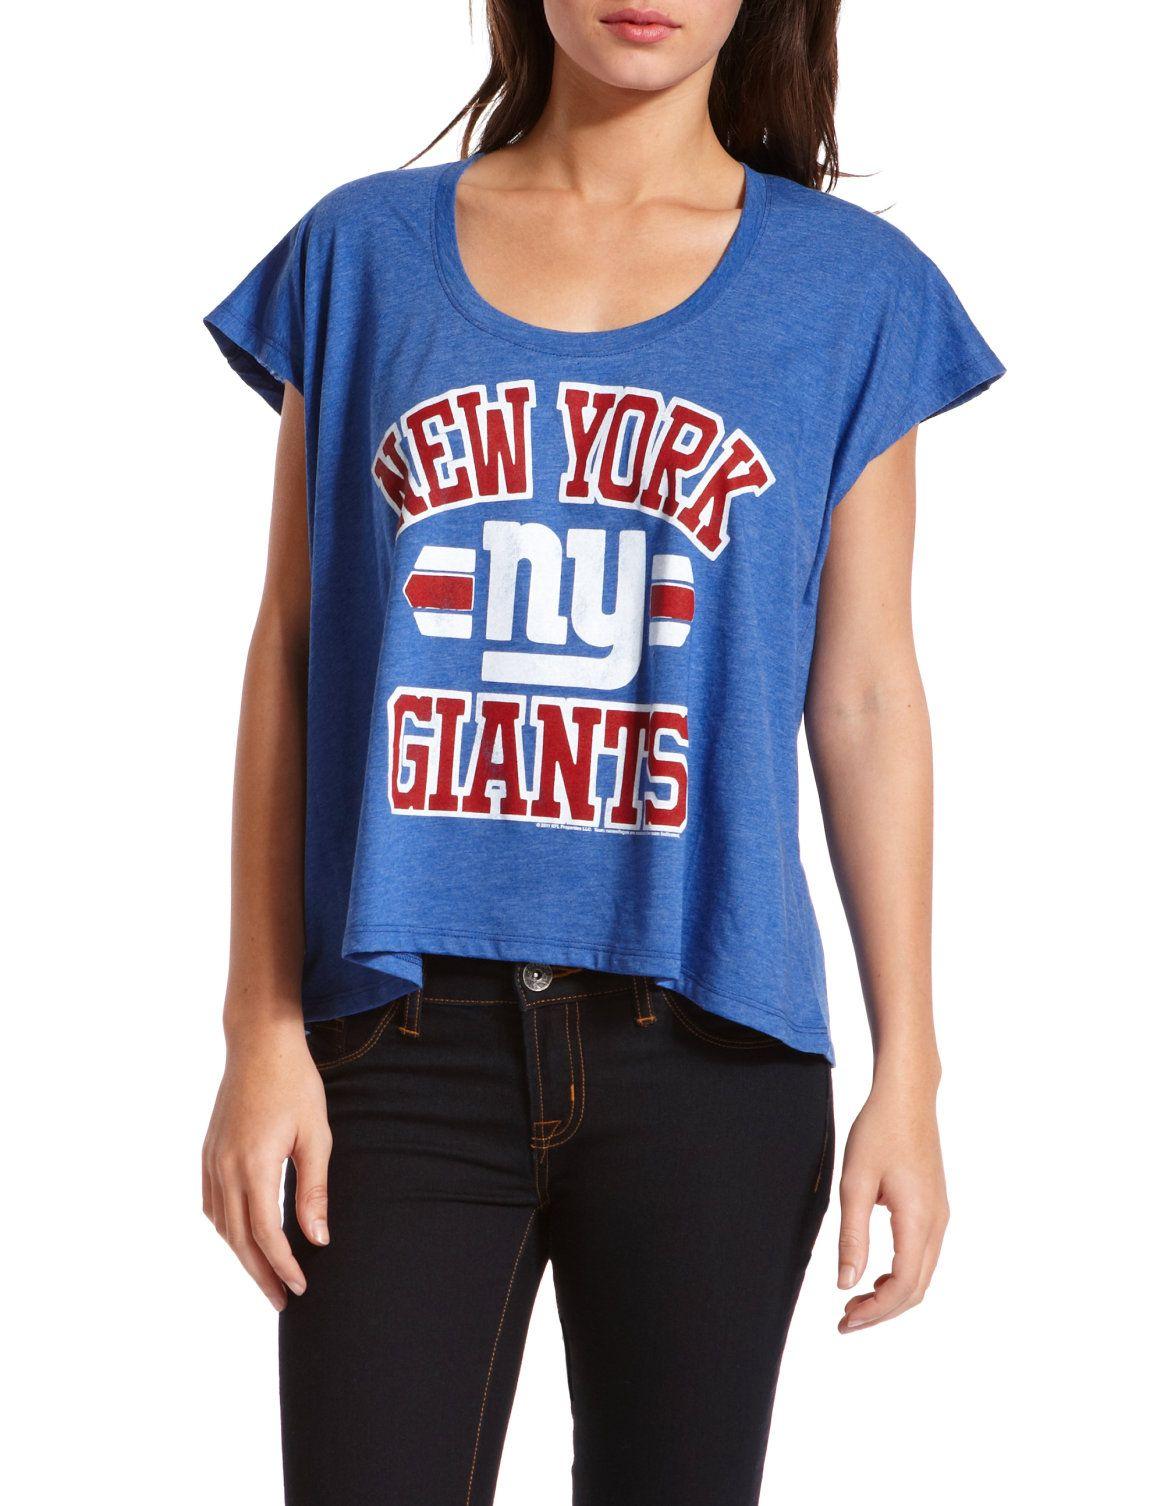 ny giants t shirts women's